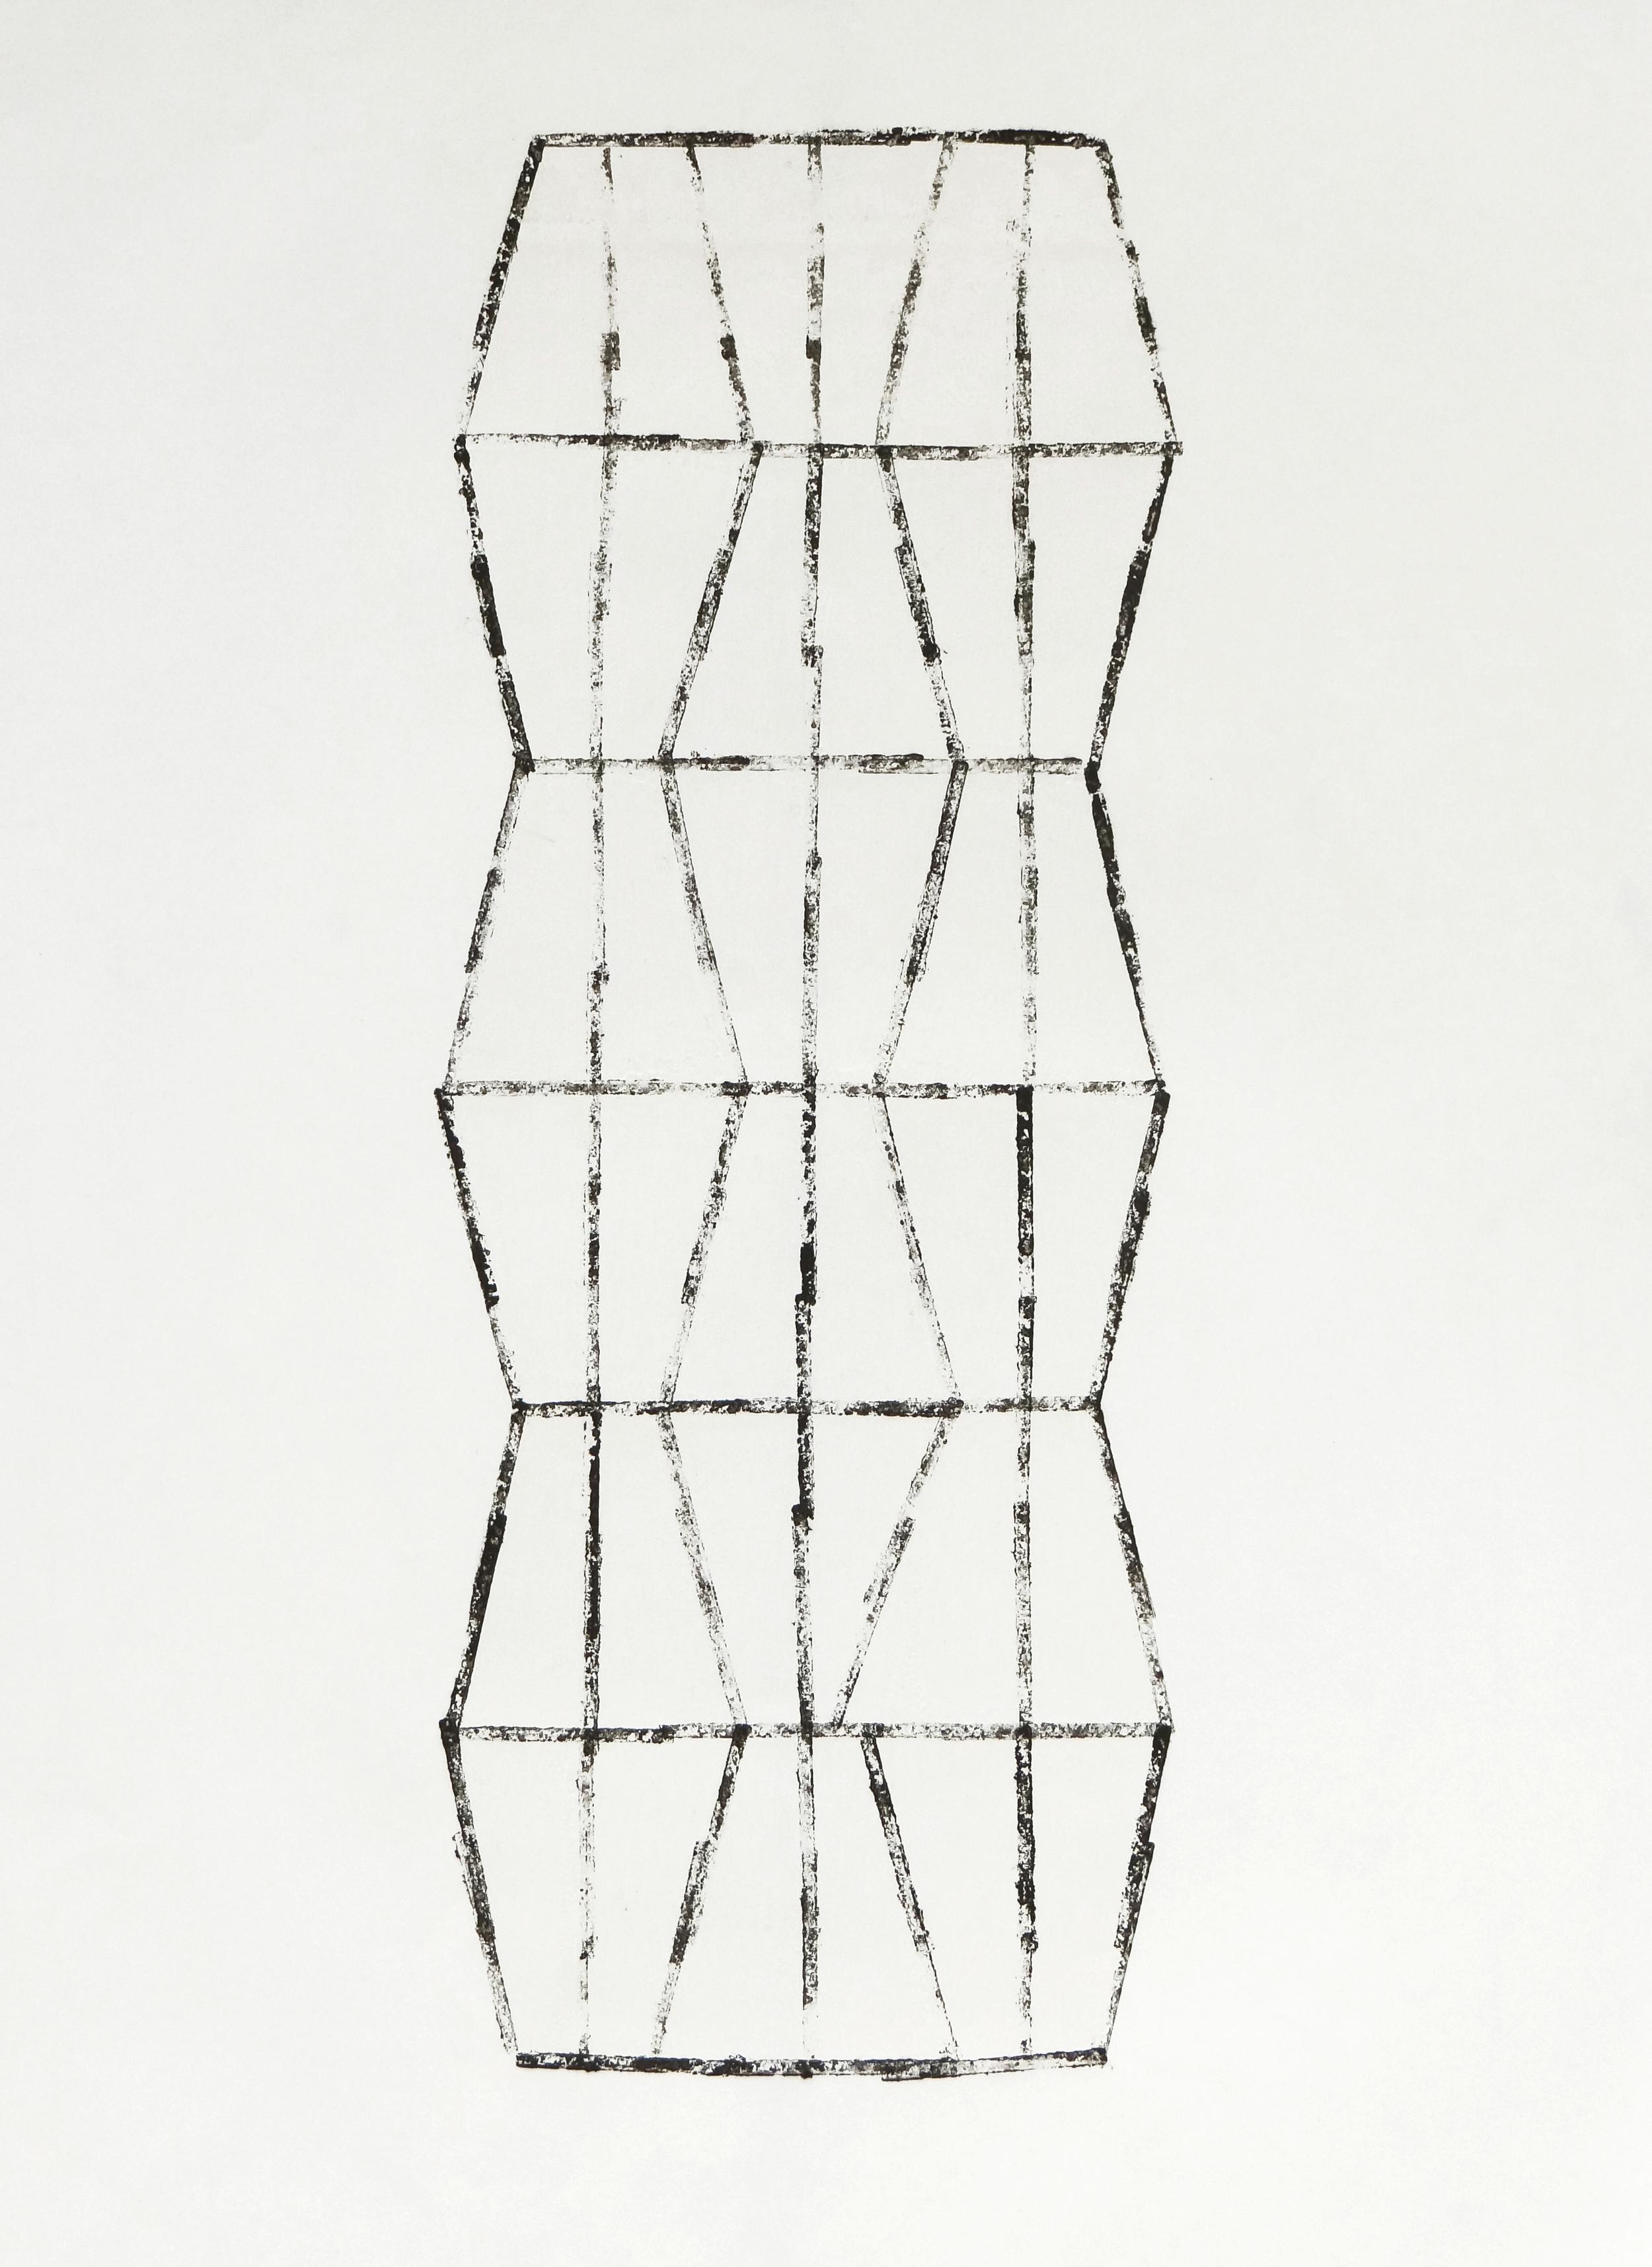 BOELE-KEIMER White Wedges 2015.JPG